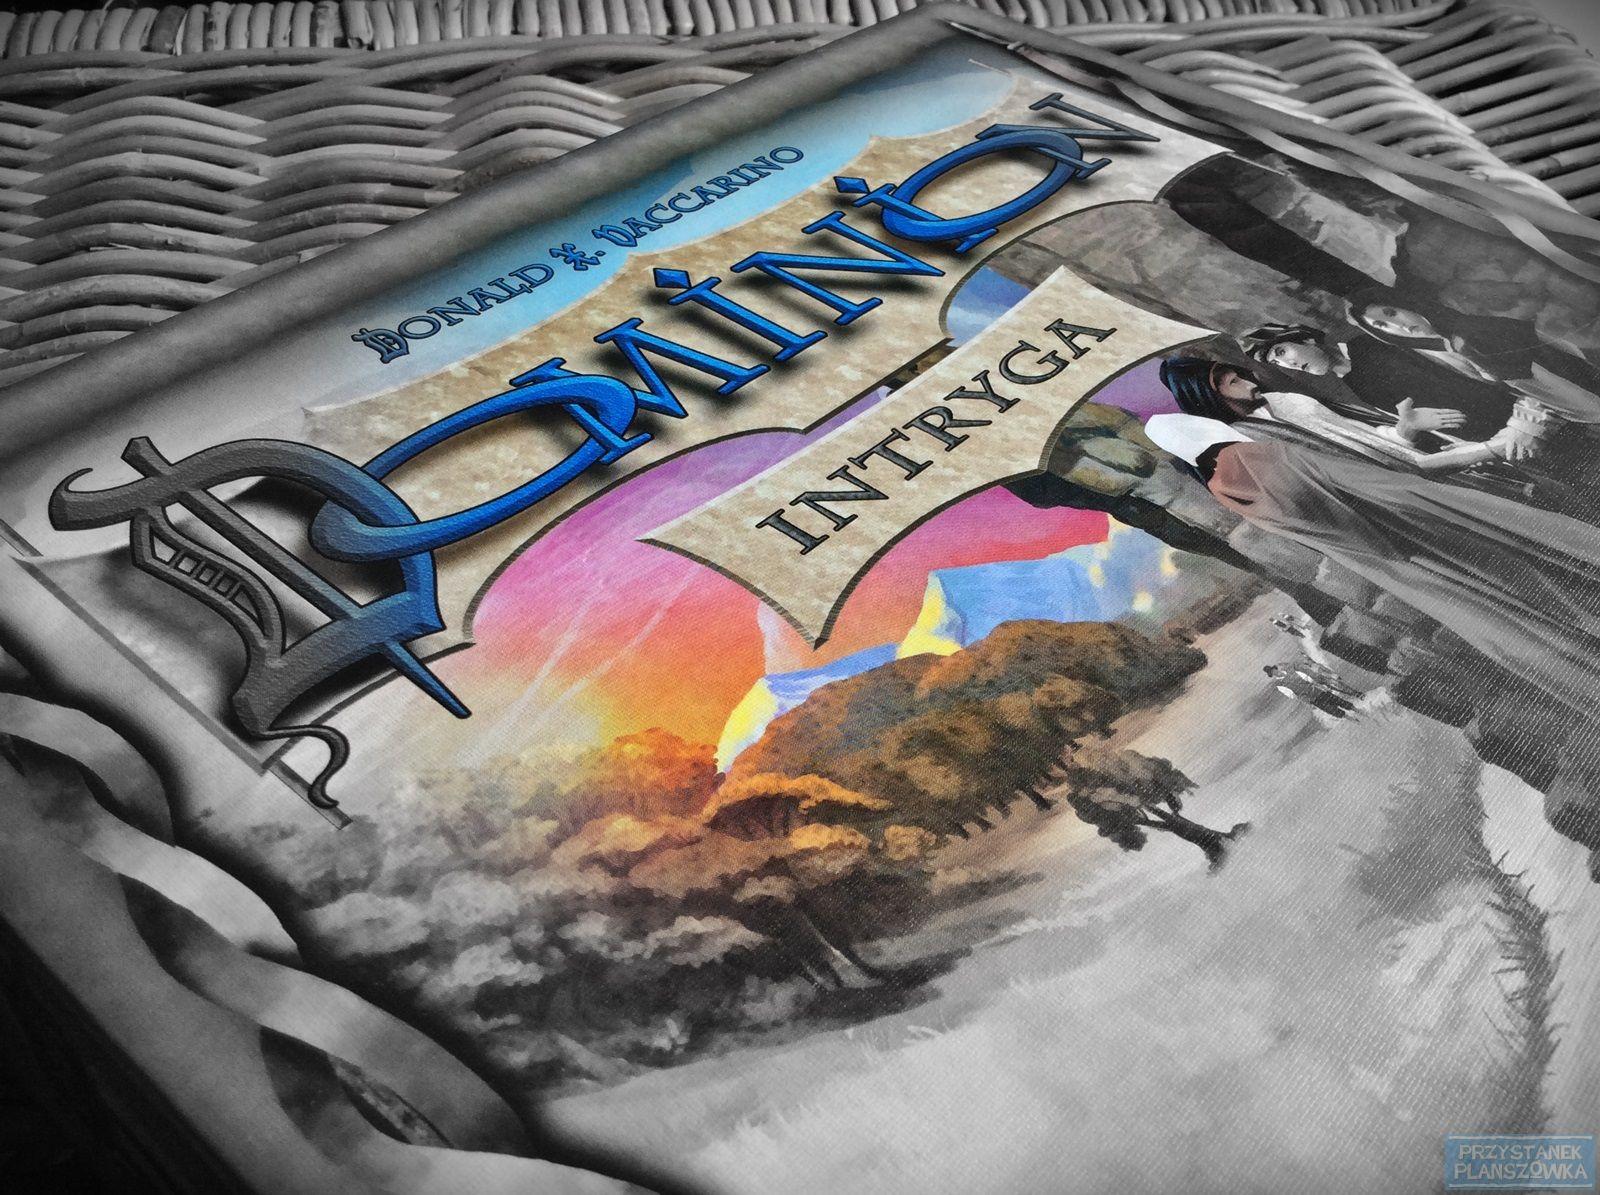 Dominion Intryga / fot. Przystanek Planszówka